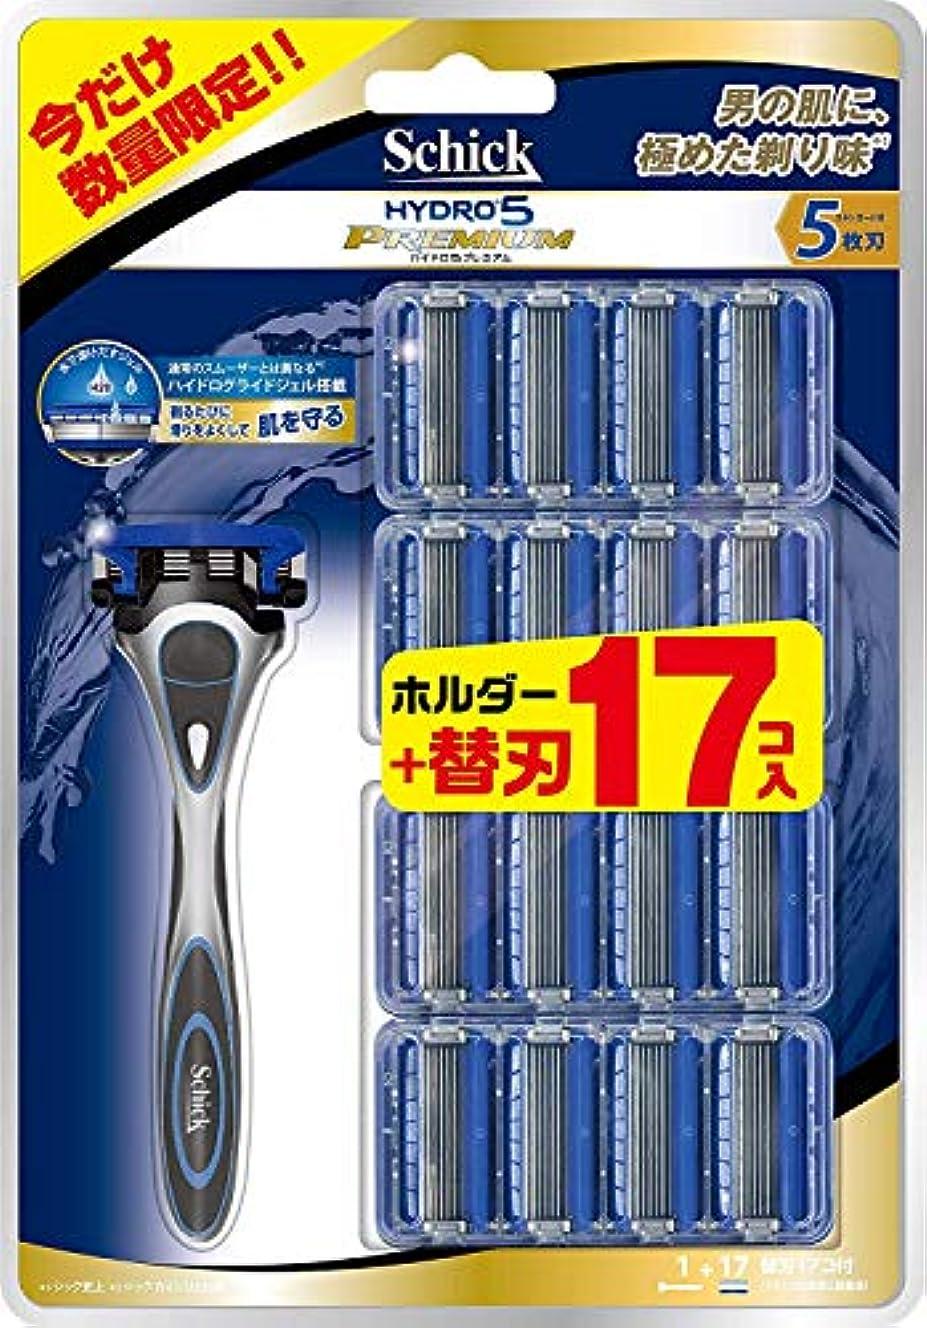 スプリットより多い一部大容量 シックSchick 5枚刃ハイドロ5プレミアム 替刃17コ付バリューパック ホルダー本体付 男性カミソリ